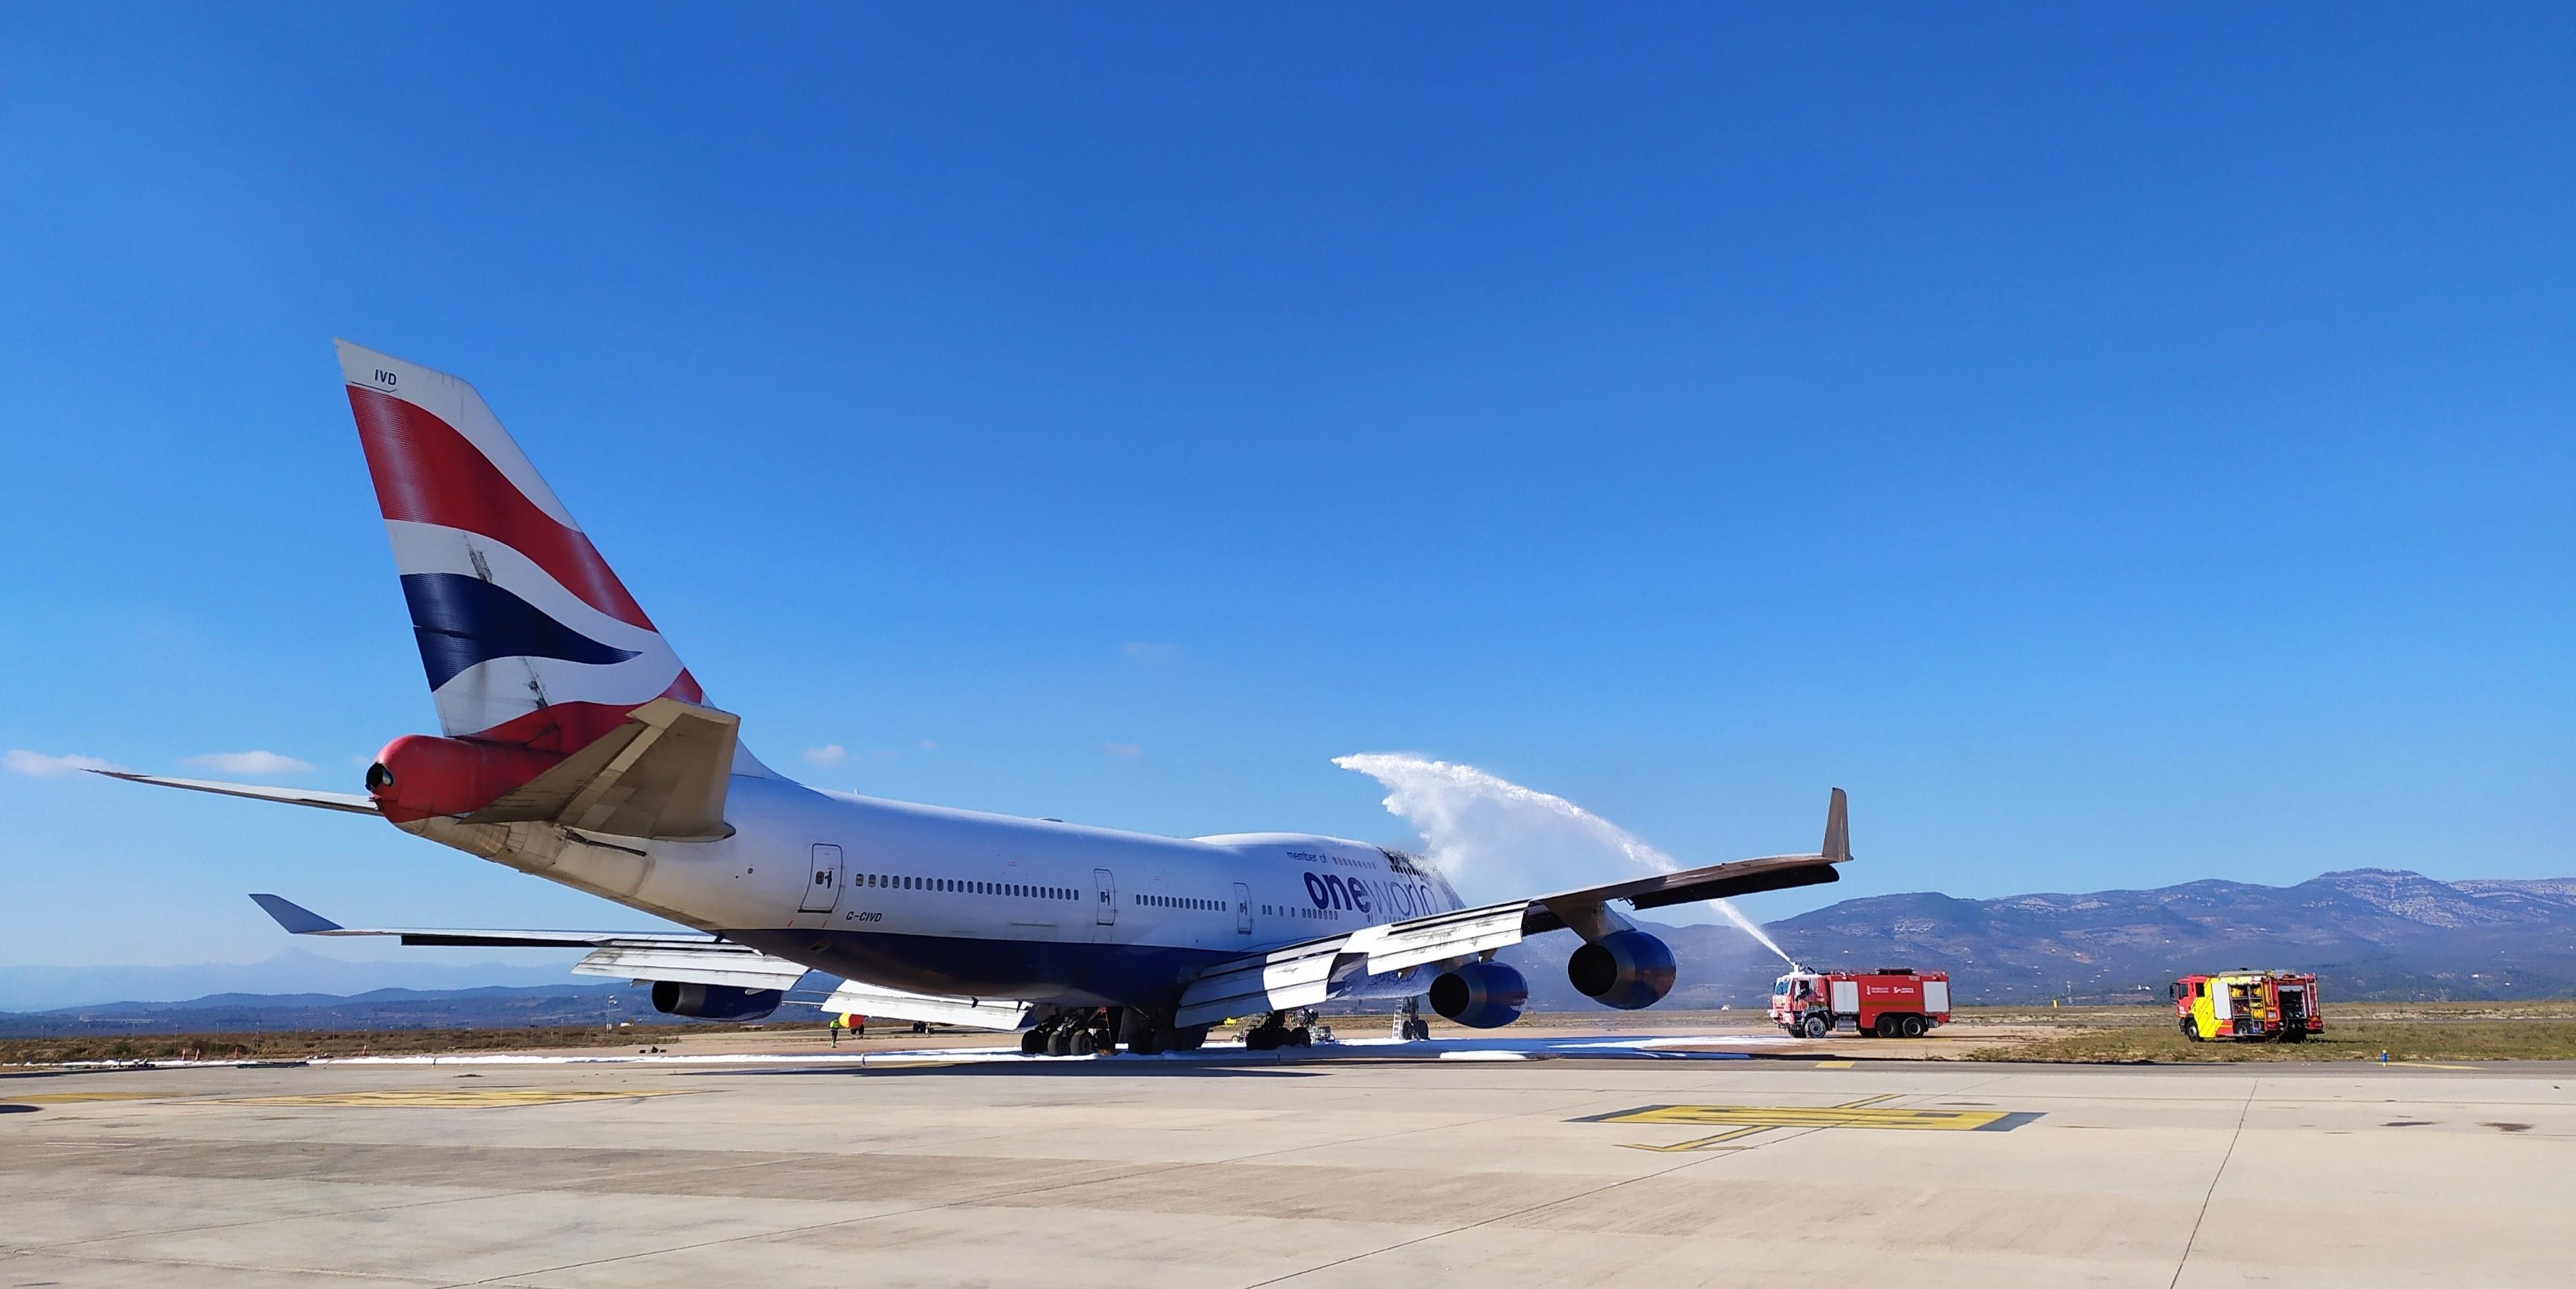 视频:英航退役747飞机起火 无人员伤亡